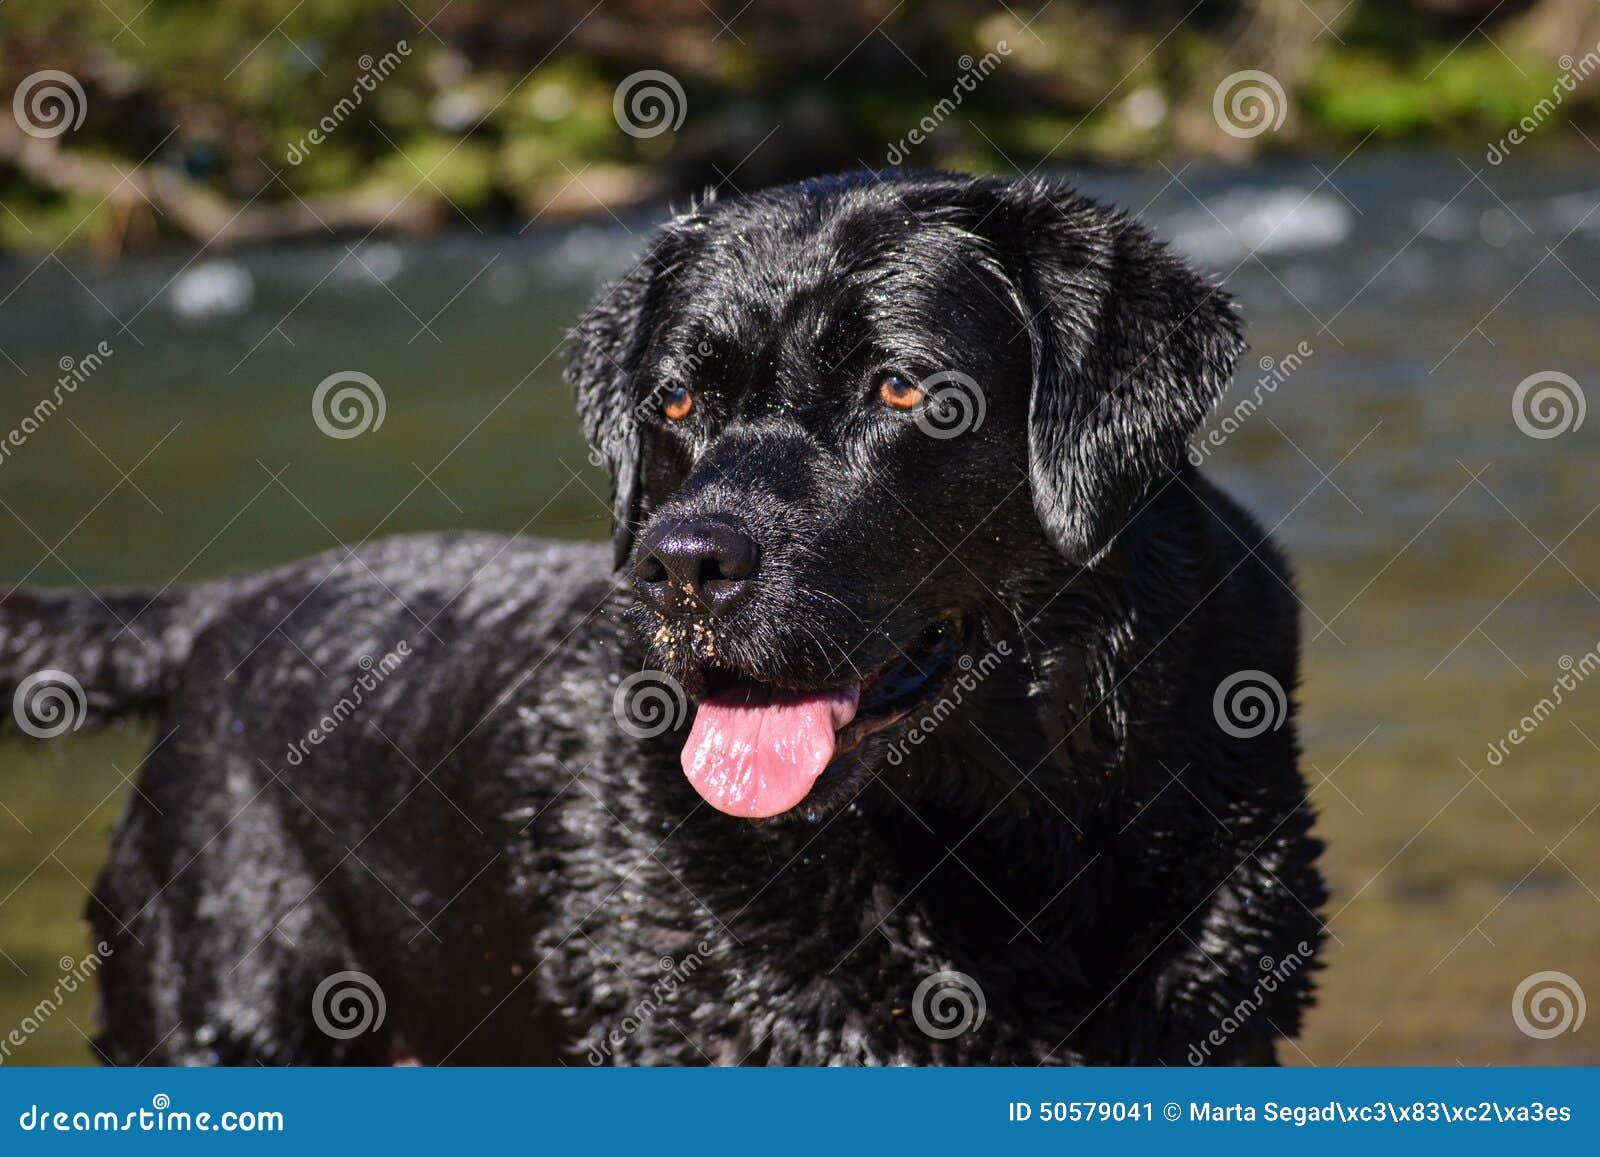 schwarzer labrador hund mit braunen augen und der zunge stockbild bild von hund schwarzes. Black Bedroom Furniture Sets. Home Design Ideas